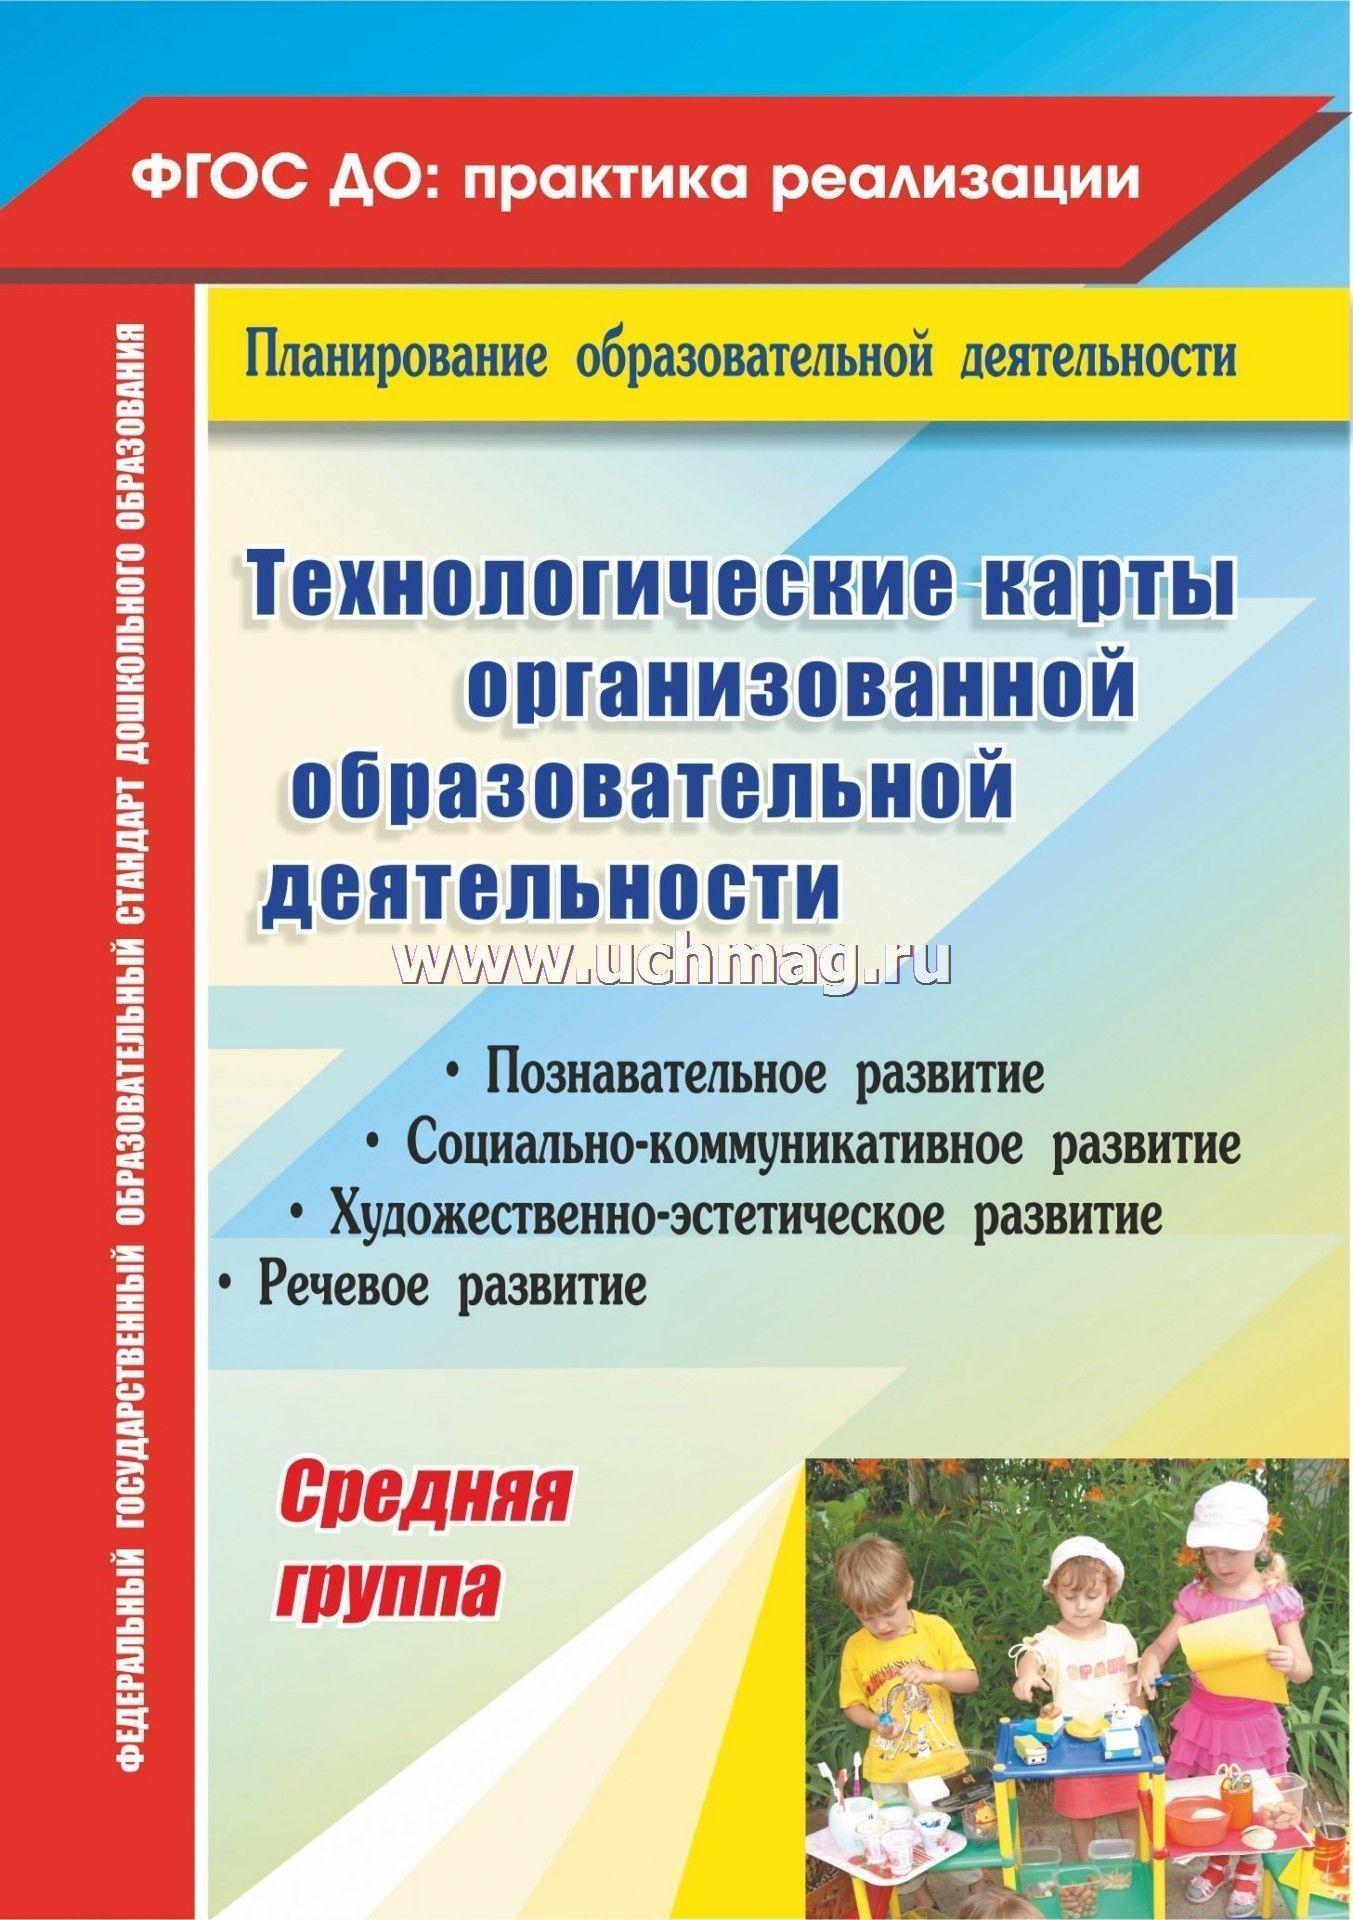 бесплатные кружки и секции для детей ювао